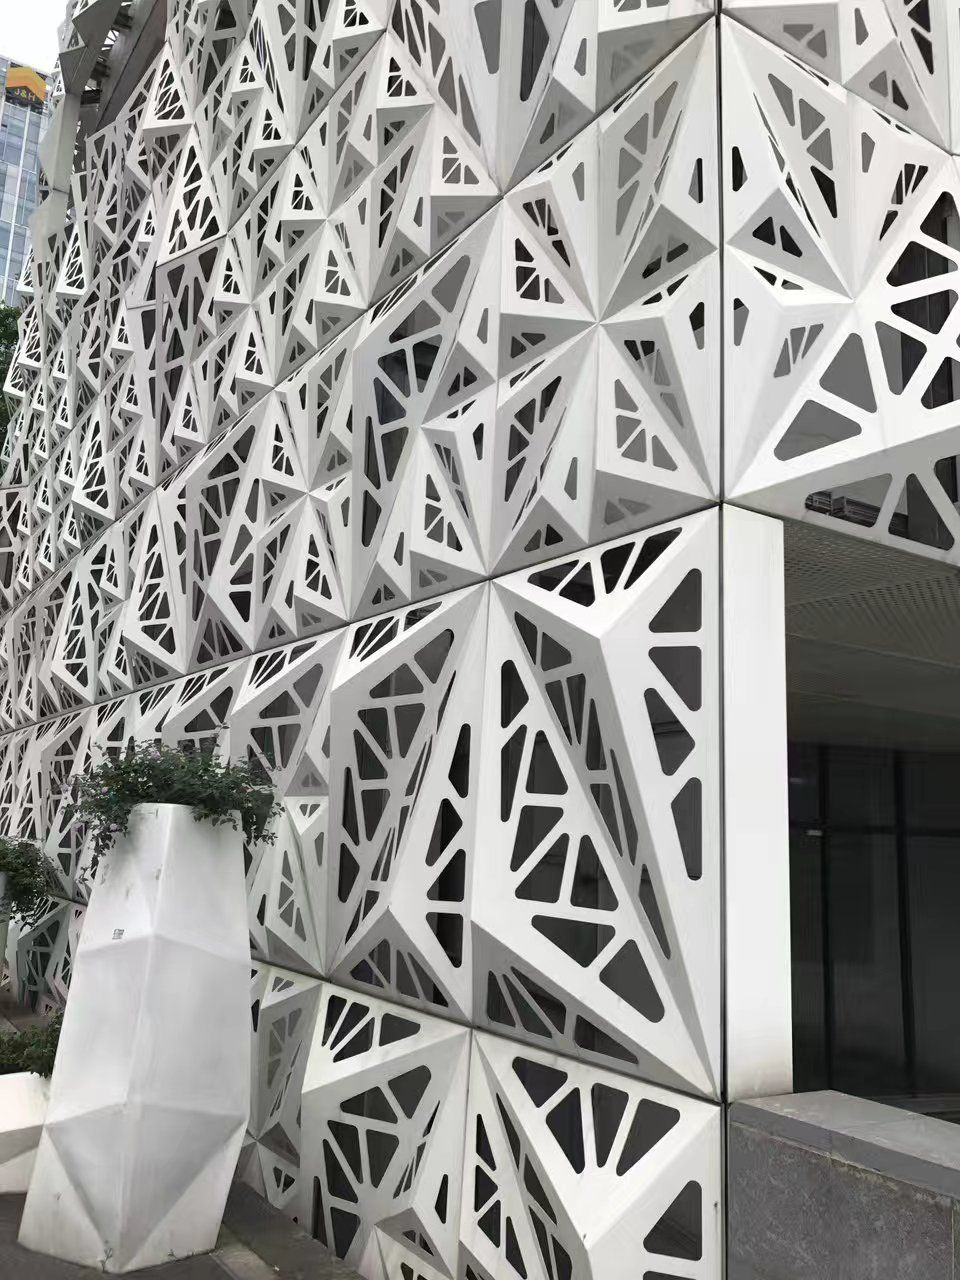 铝单板幕墙门头天花吊顶弧形方通雕花冲孔镂空造型铝板厂家定制